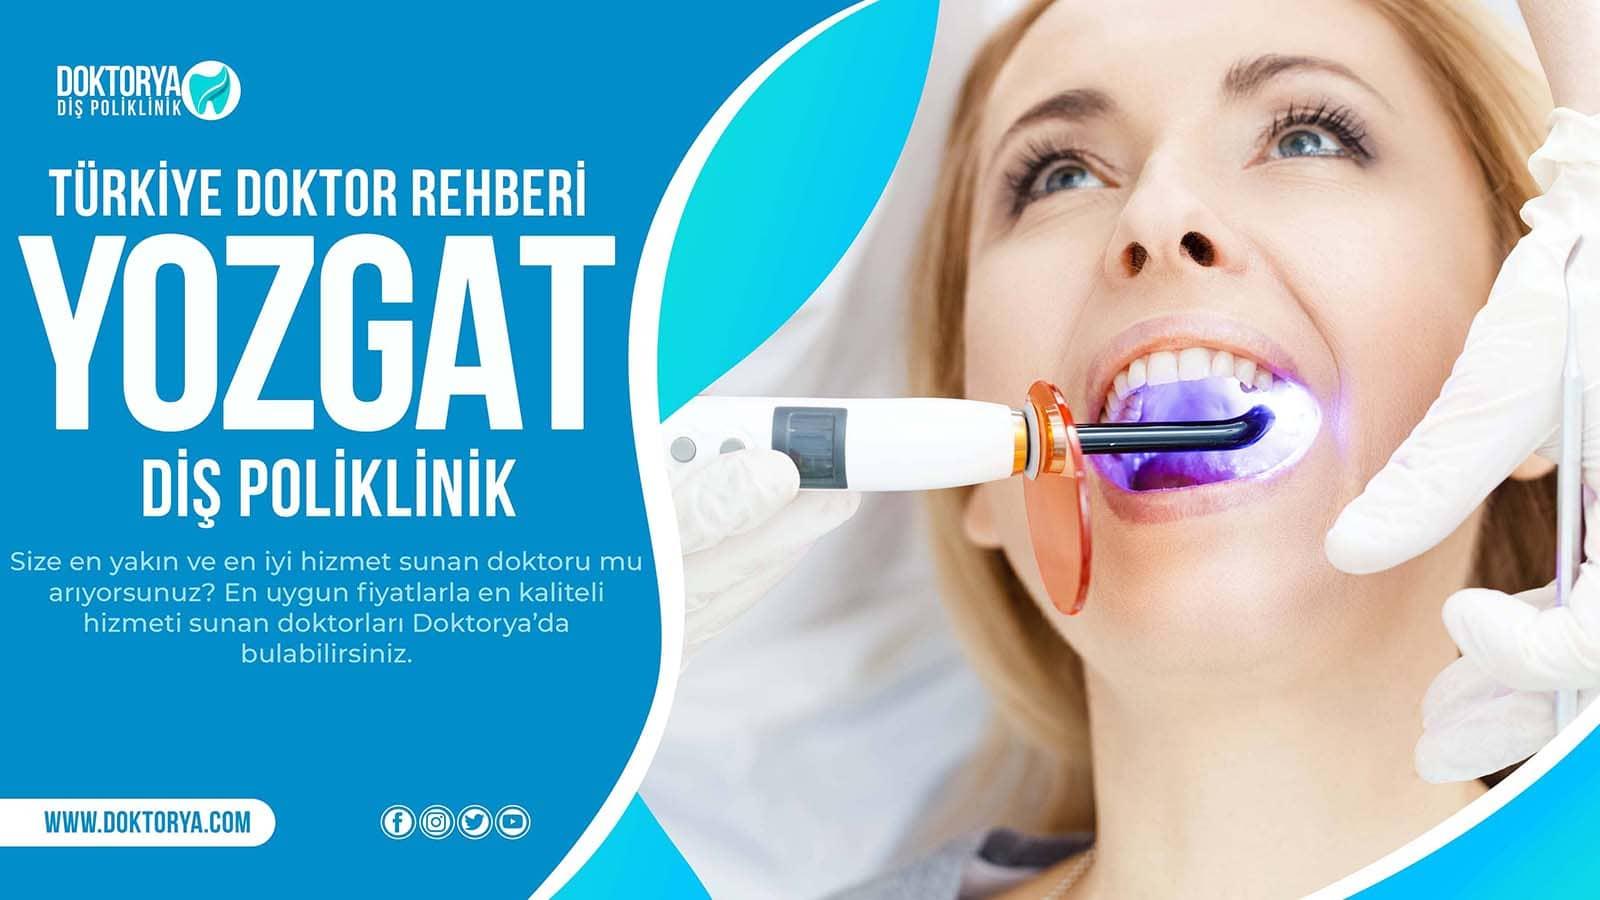 Yozgat Diş Poliklinik